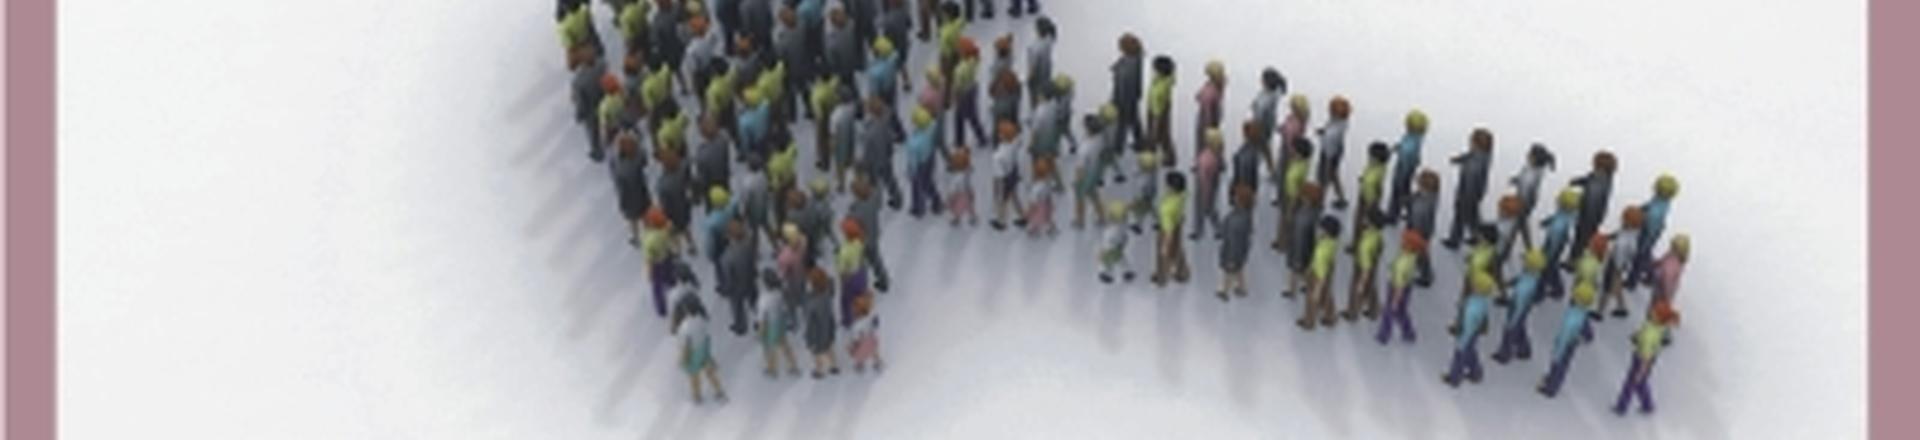 Warsztaty CHURN – jak wygrać walkę o Klienta